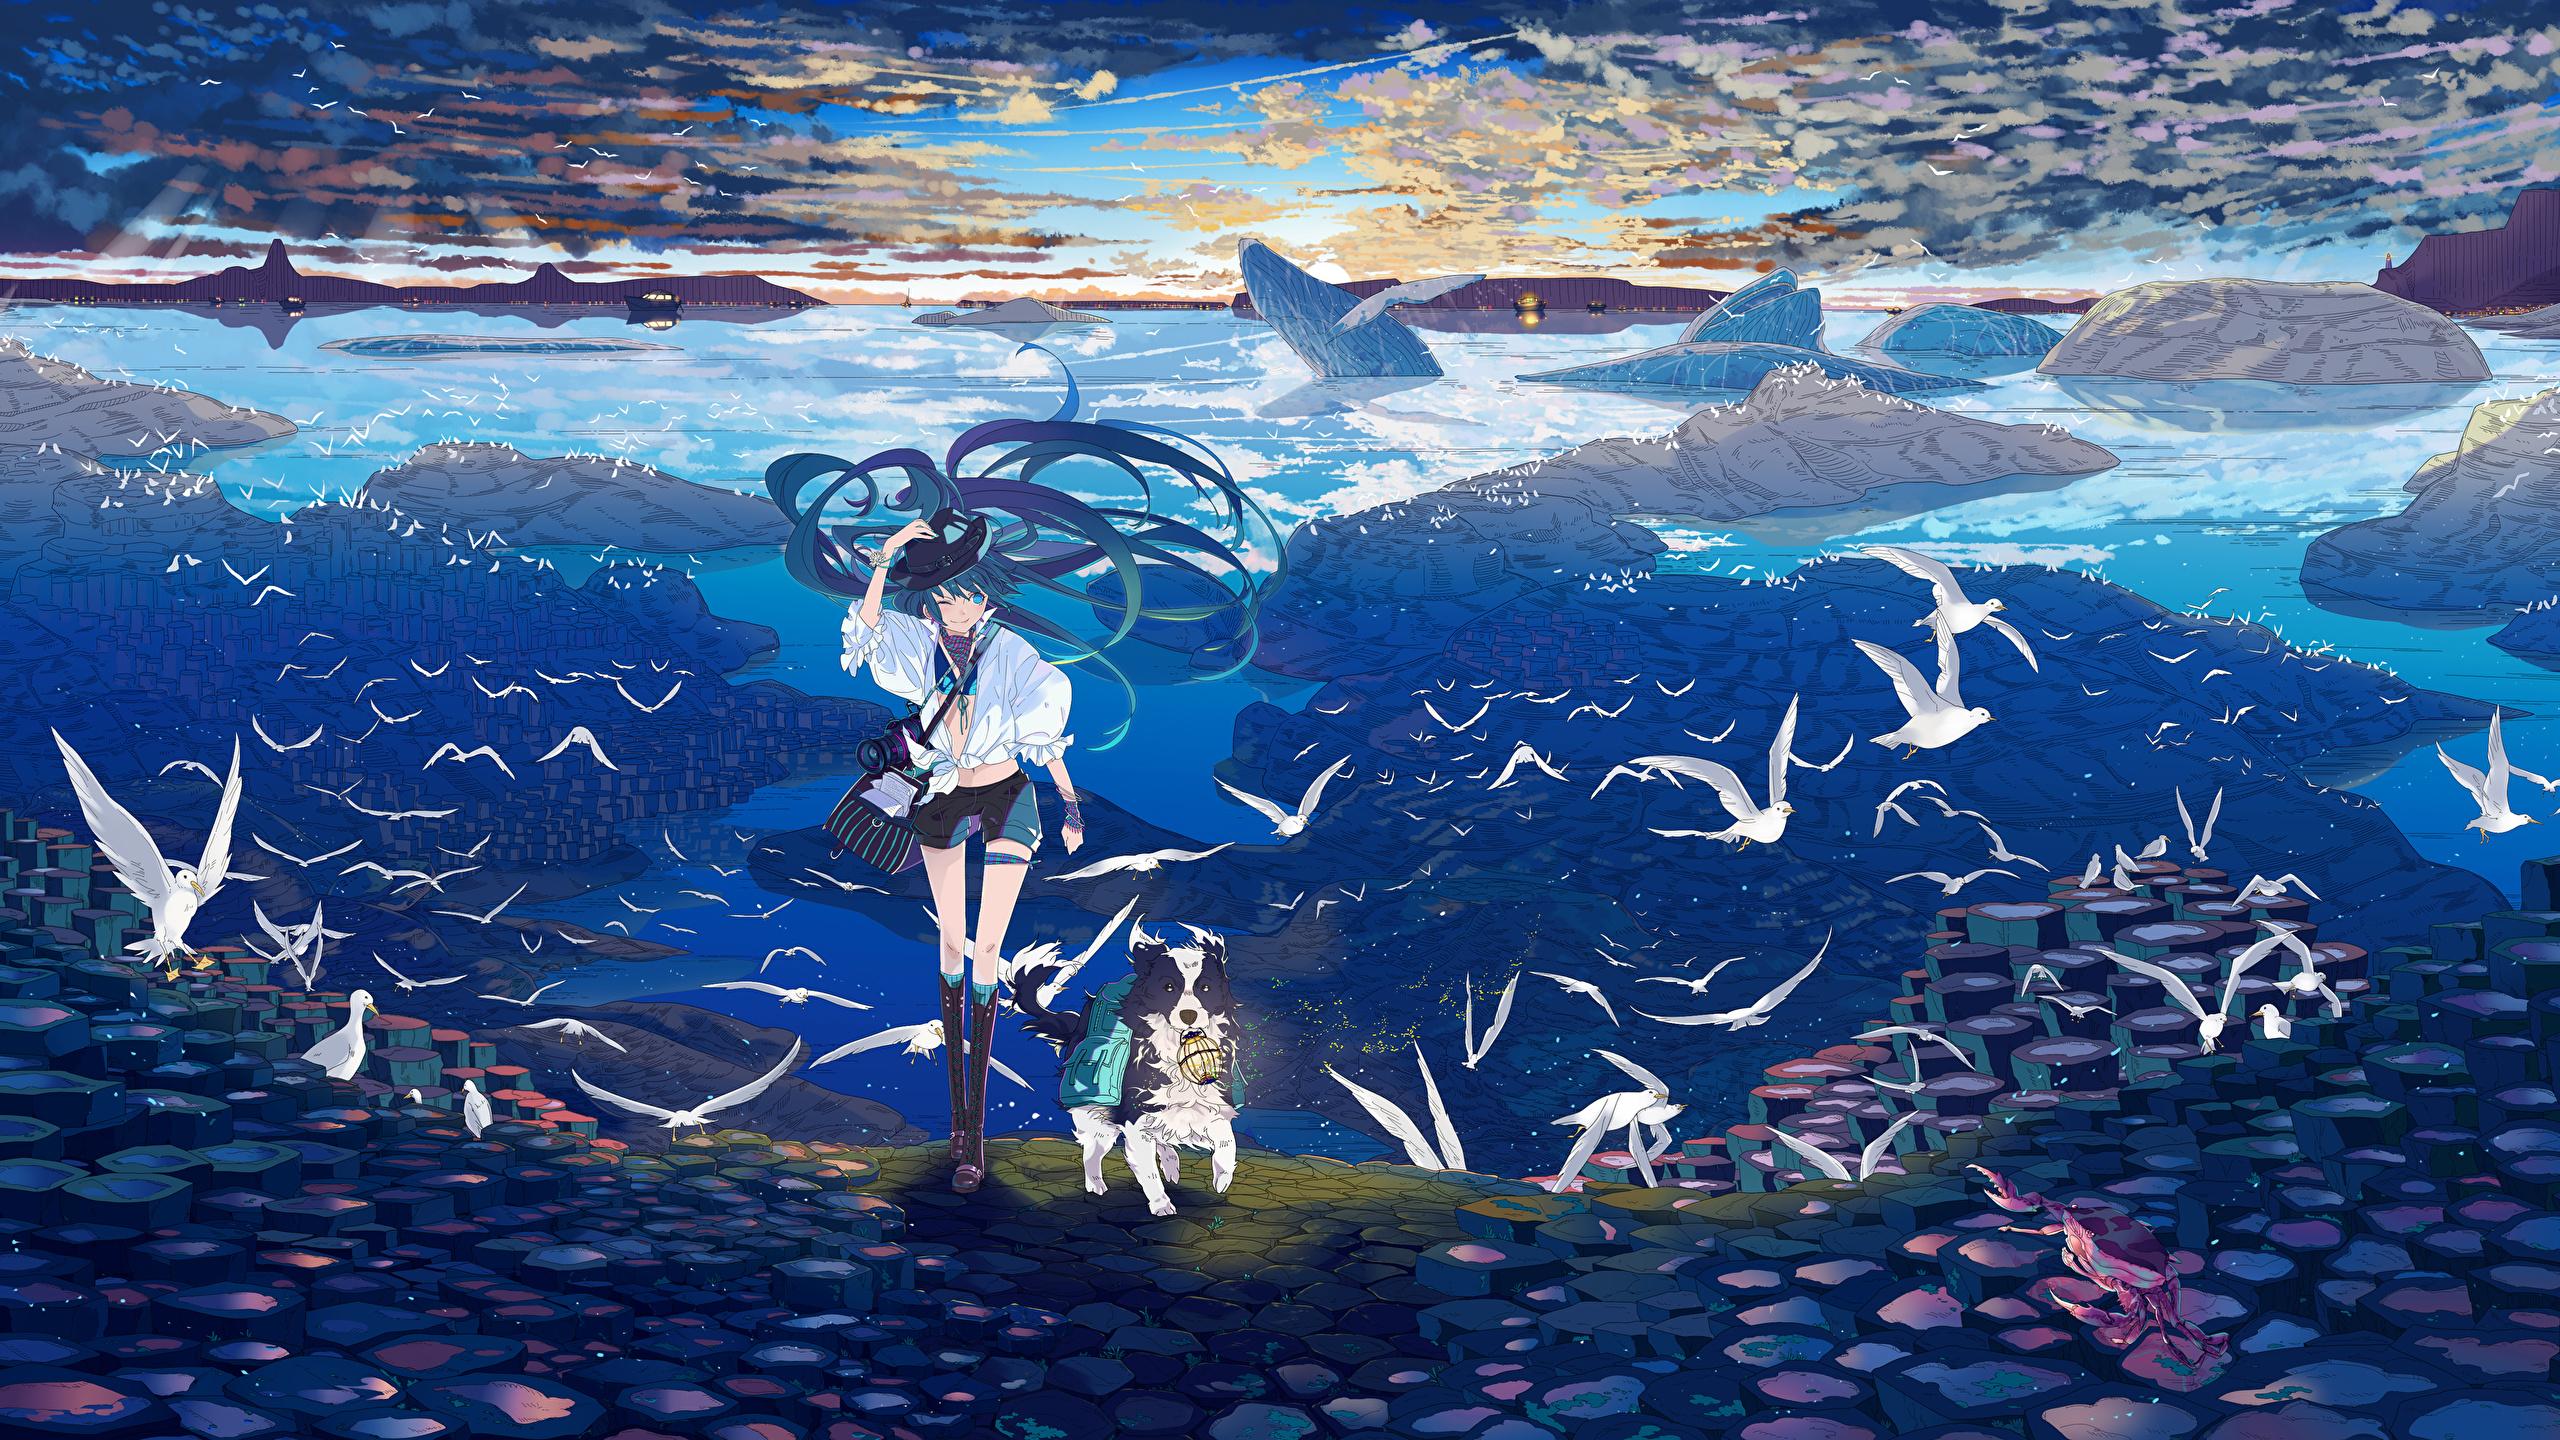 壁紙 2560x1440 ボーカロイド カモメ アニメ 少女 ダウンロード 写真